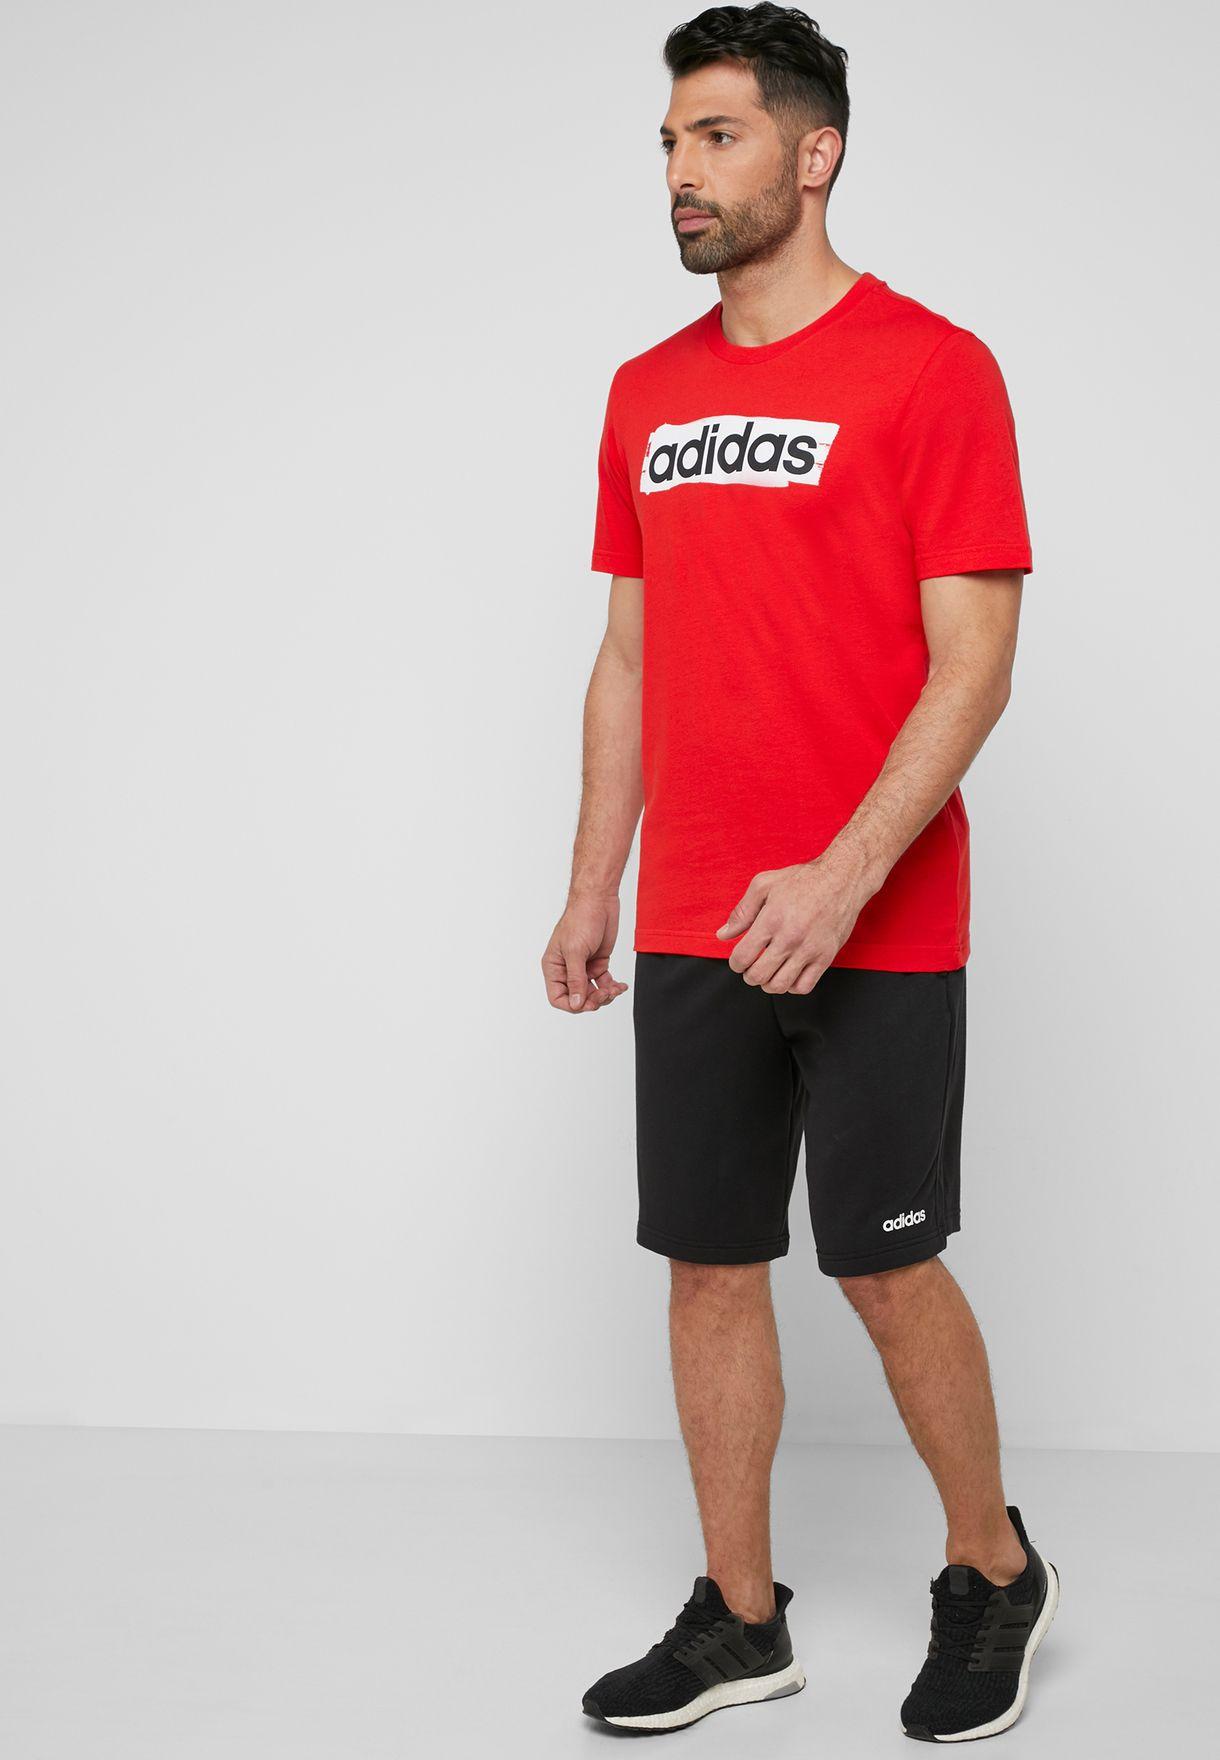 adidas shorts t shirt